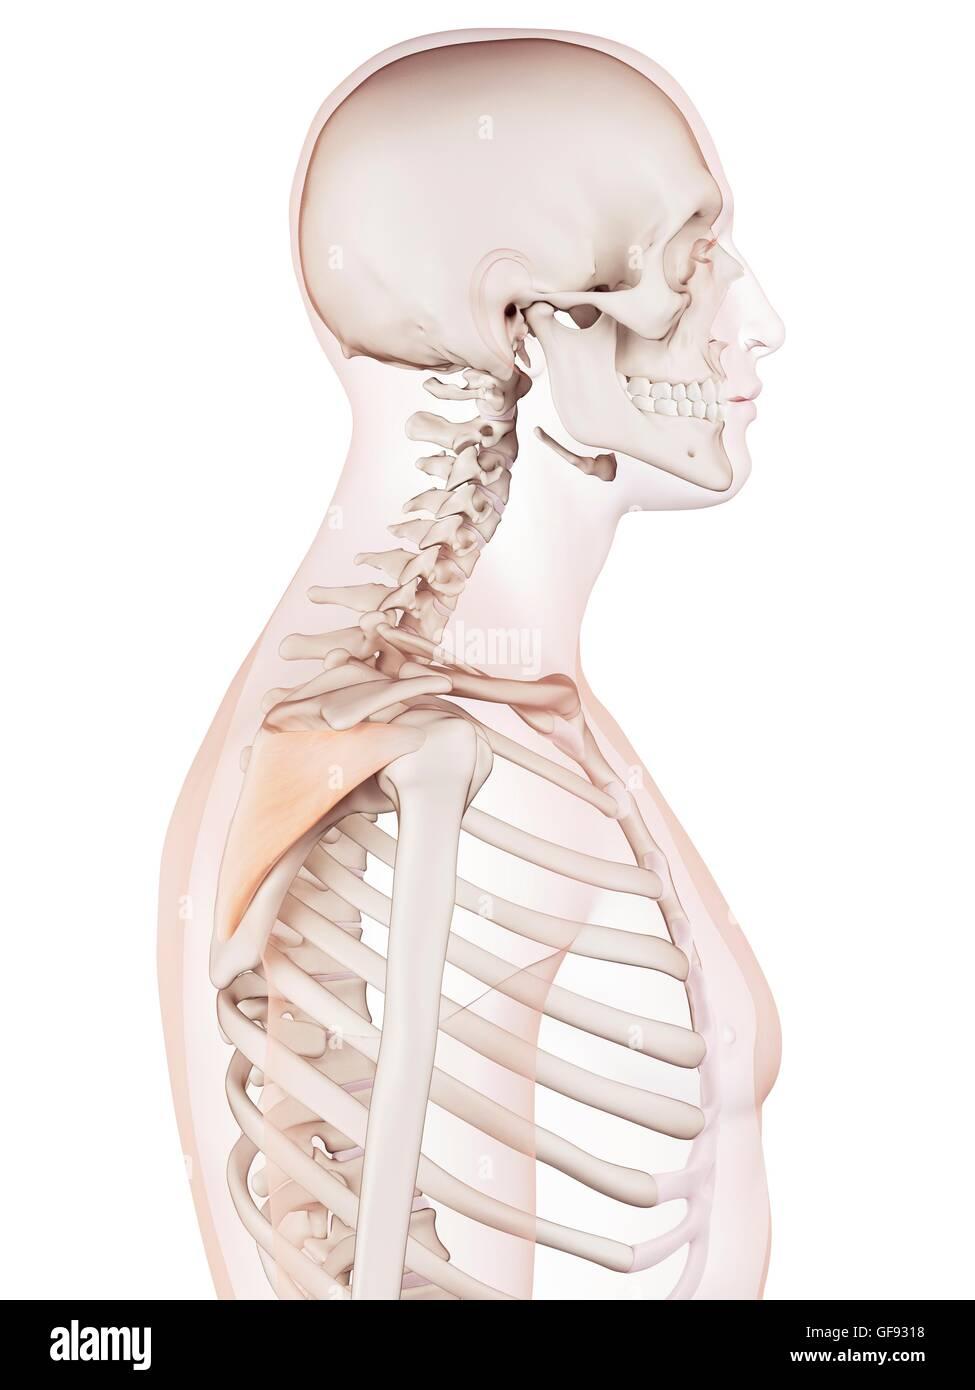 Infraspinatus Muscle Stockfotos & Infraspinatus Muscle Bilder - Alamy